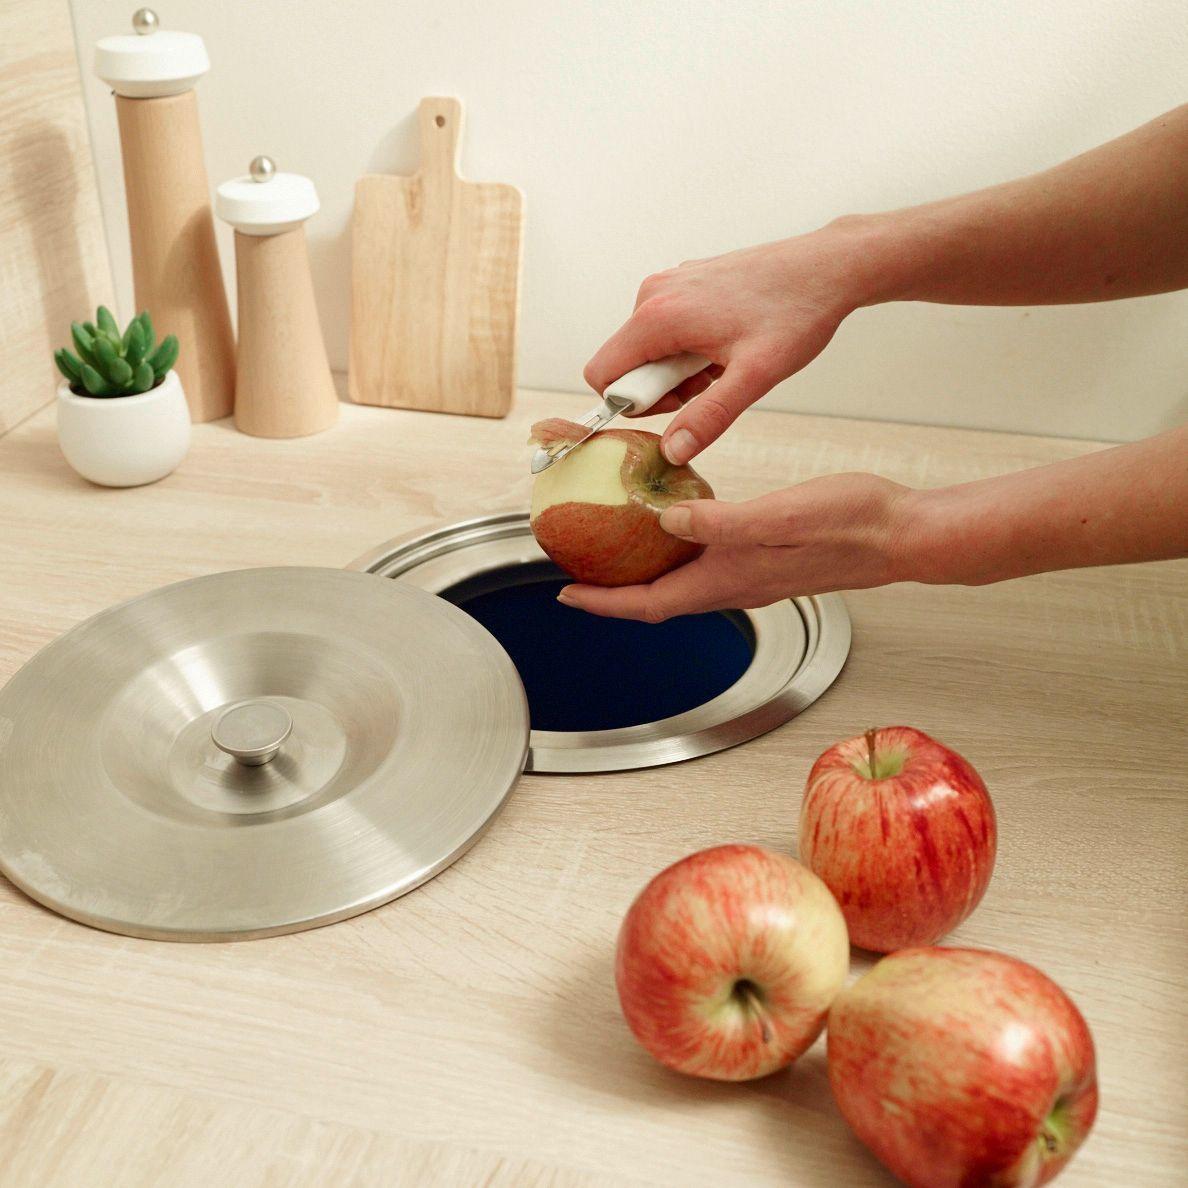 Rangement cuisine ranger malin avec astuces bien pens es - Poubelle cuisine encastrable dans plan de travail ...